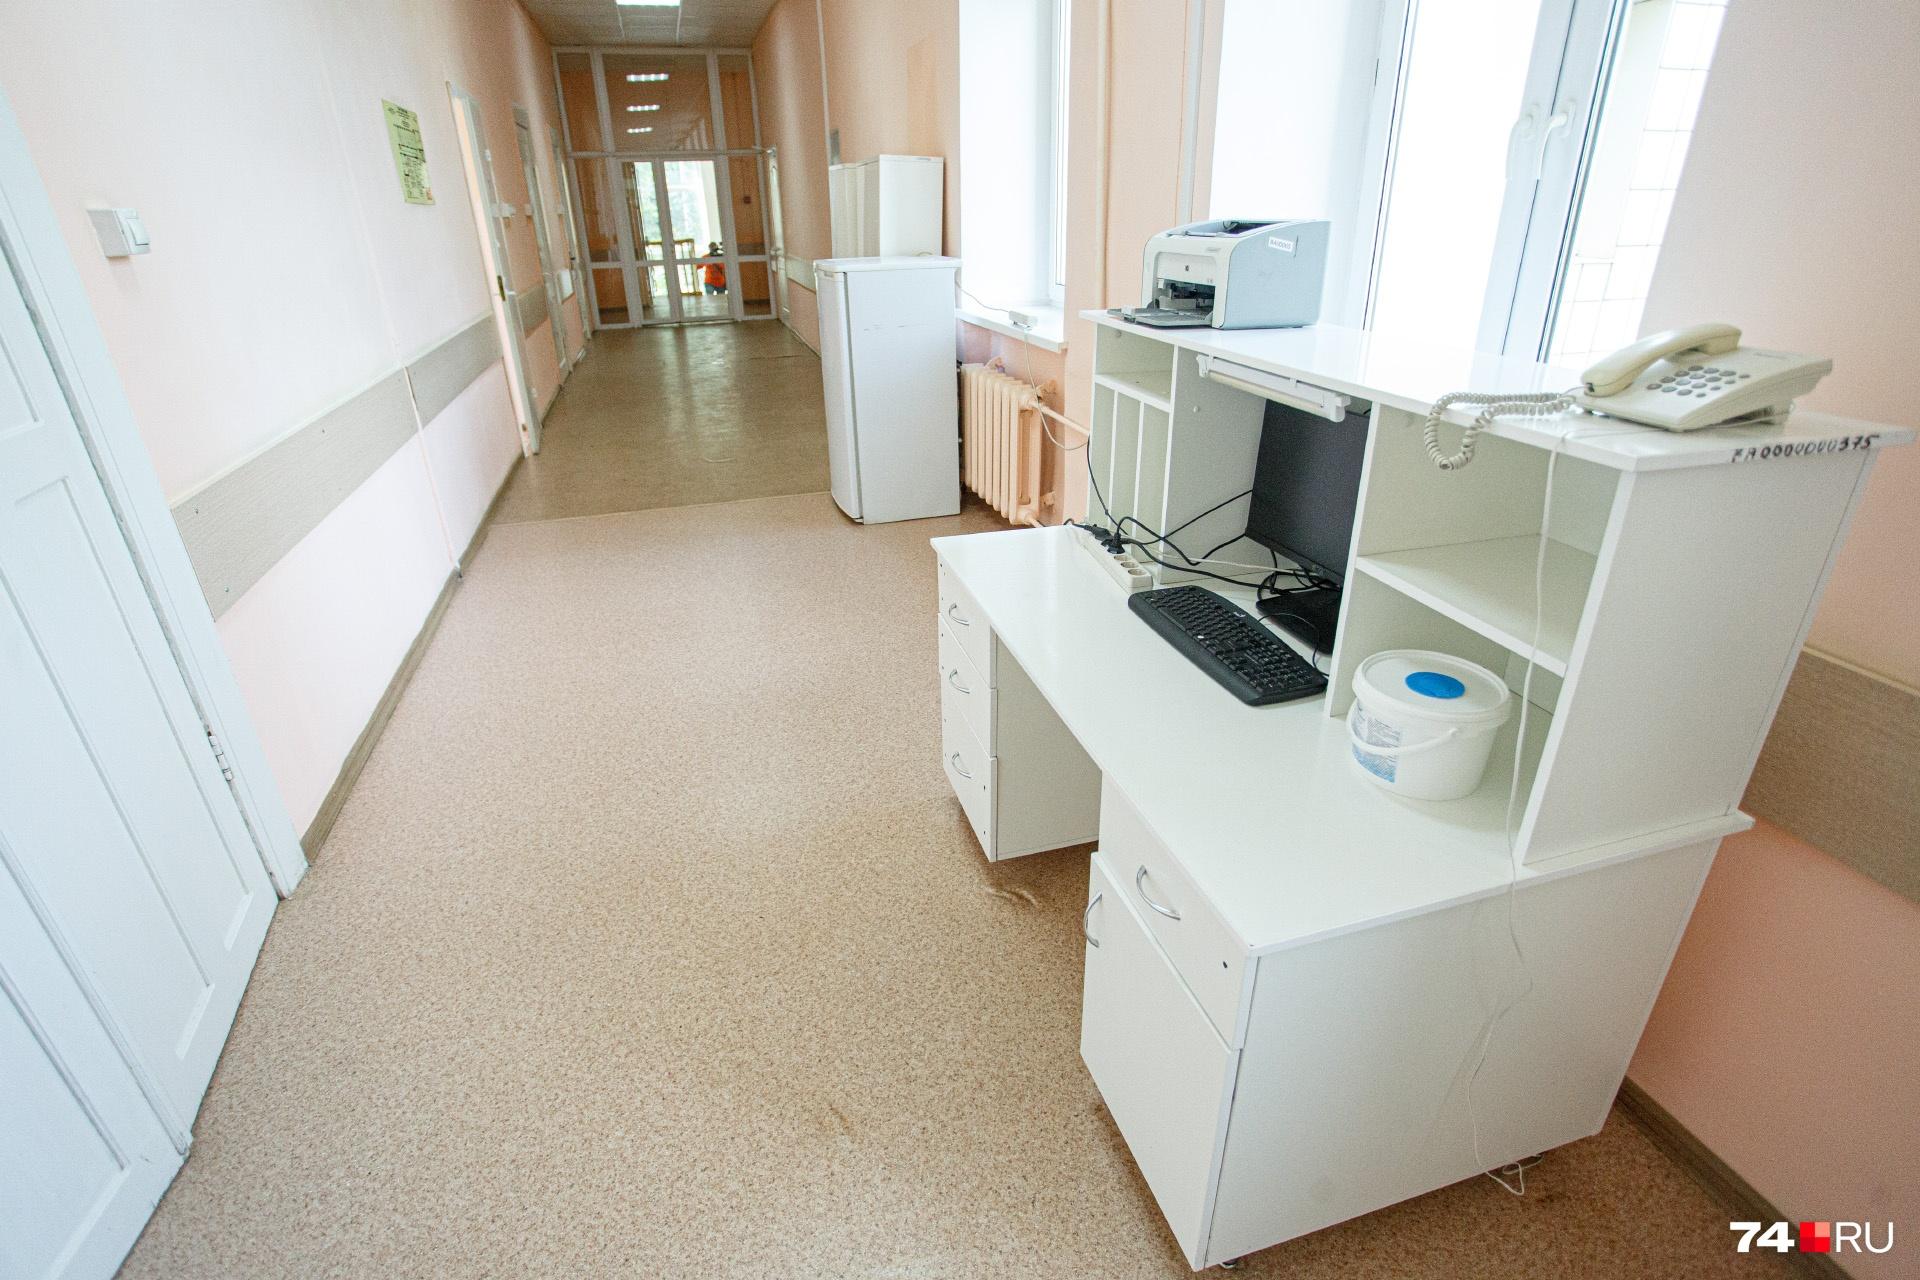 На пост медсестры установили компьютер, чтобы облегчить процесс обмена информацией между сотрудниками